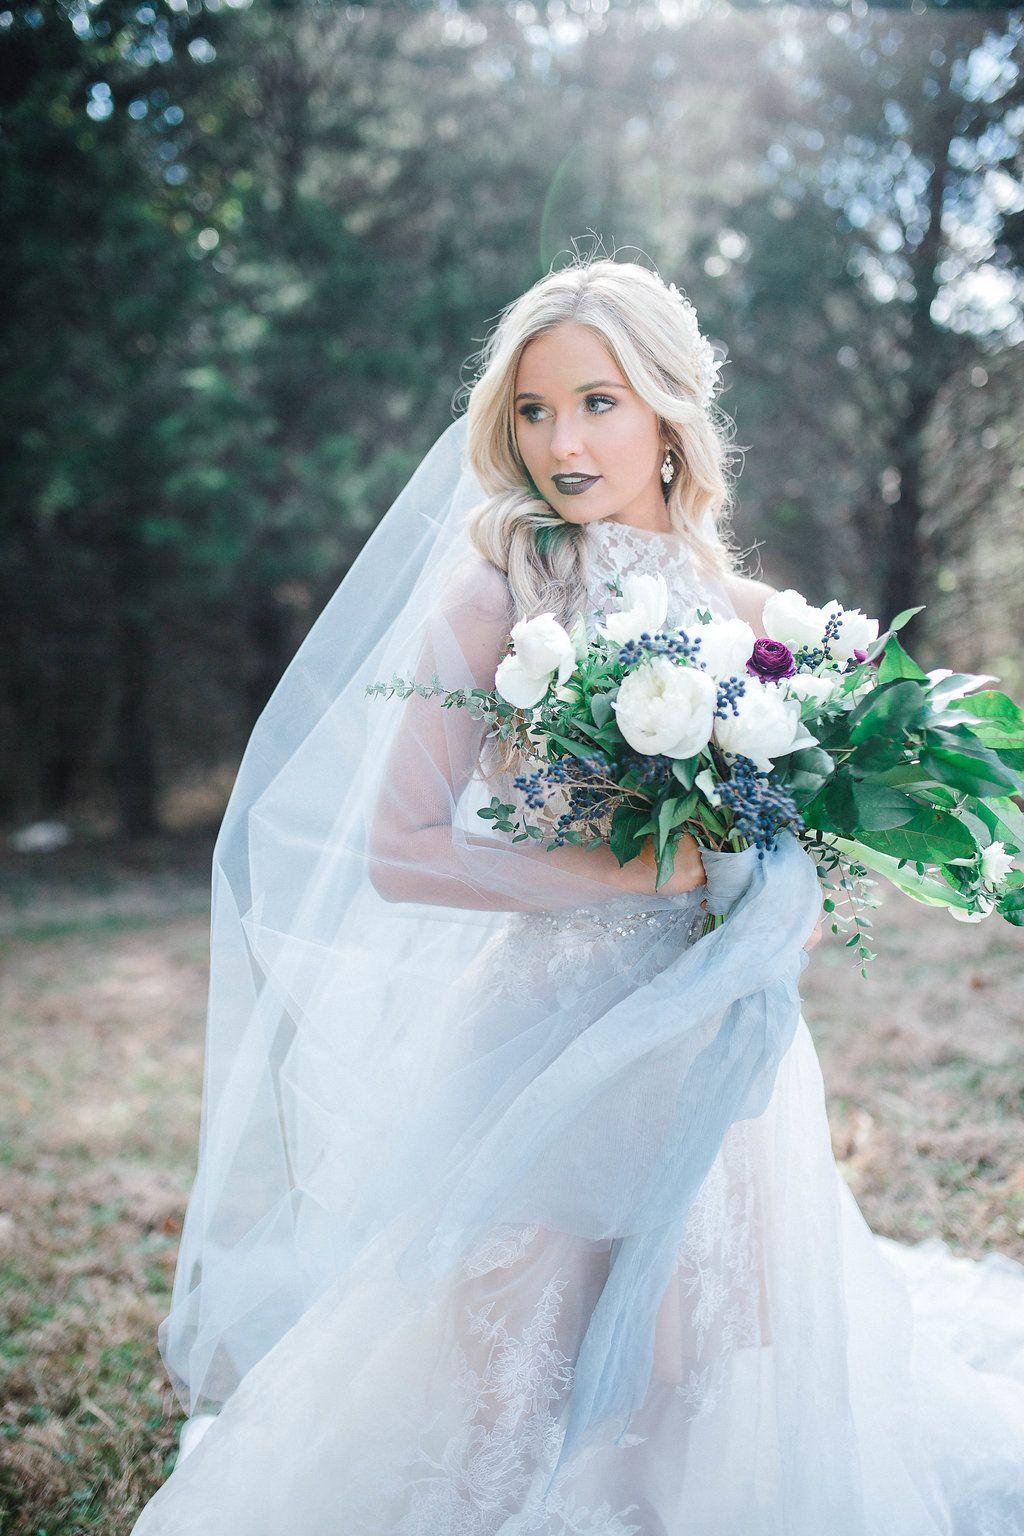 Dusty Blue Bride / Blue Veil / Wedding